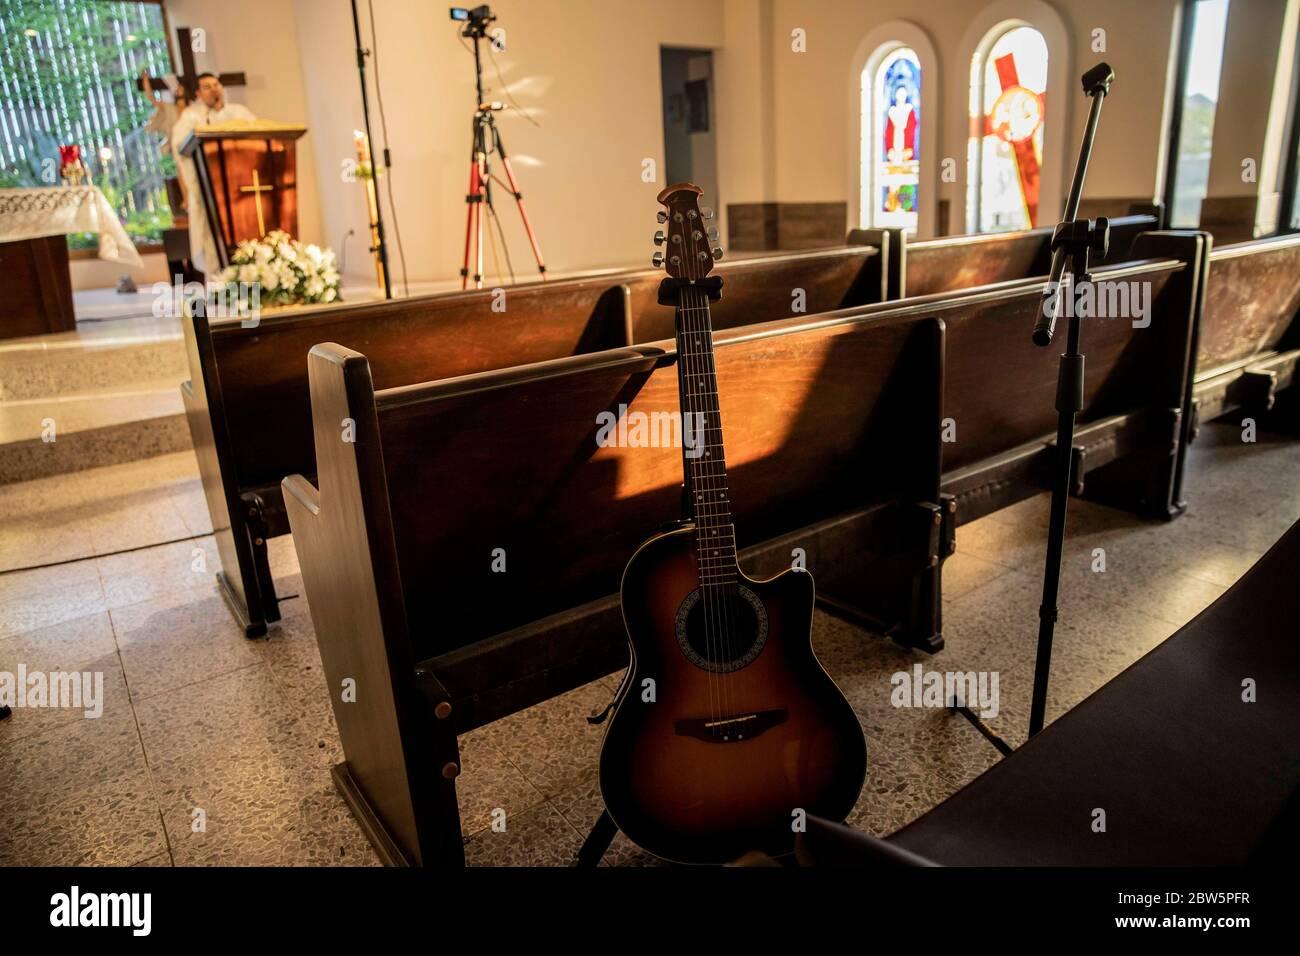 """HERMOSILLO, MÉXICO - MAYO 27: Una guitarra está sola en un espacio donde el coro del templo de Santa María de Guadalupe suele cantar, ya que el inicio de la masa pandémica se ha mantenido a puerta cerrada a través de redes sociales, como parte de la saludable perturbación de Covid-19 el 27 de mayo de 2020 en Hermosillo, México. A pesar del creciente número de casos positivos de COVID-19 en el país, el programa """"distancia saludable"""" finaliza el 31 de mayo, pero las restricciones continuarán en aquellas ciudades con un elevado número de casos confirmados. (Foto de Luis Gutiérrez/ Norte Foto) Foto de stock"""